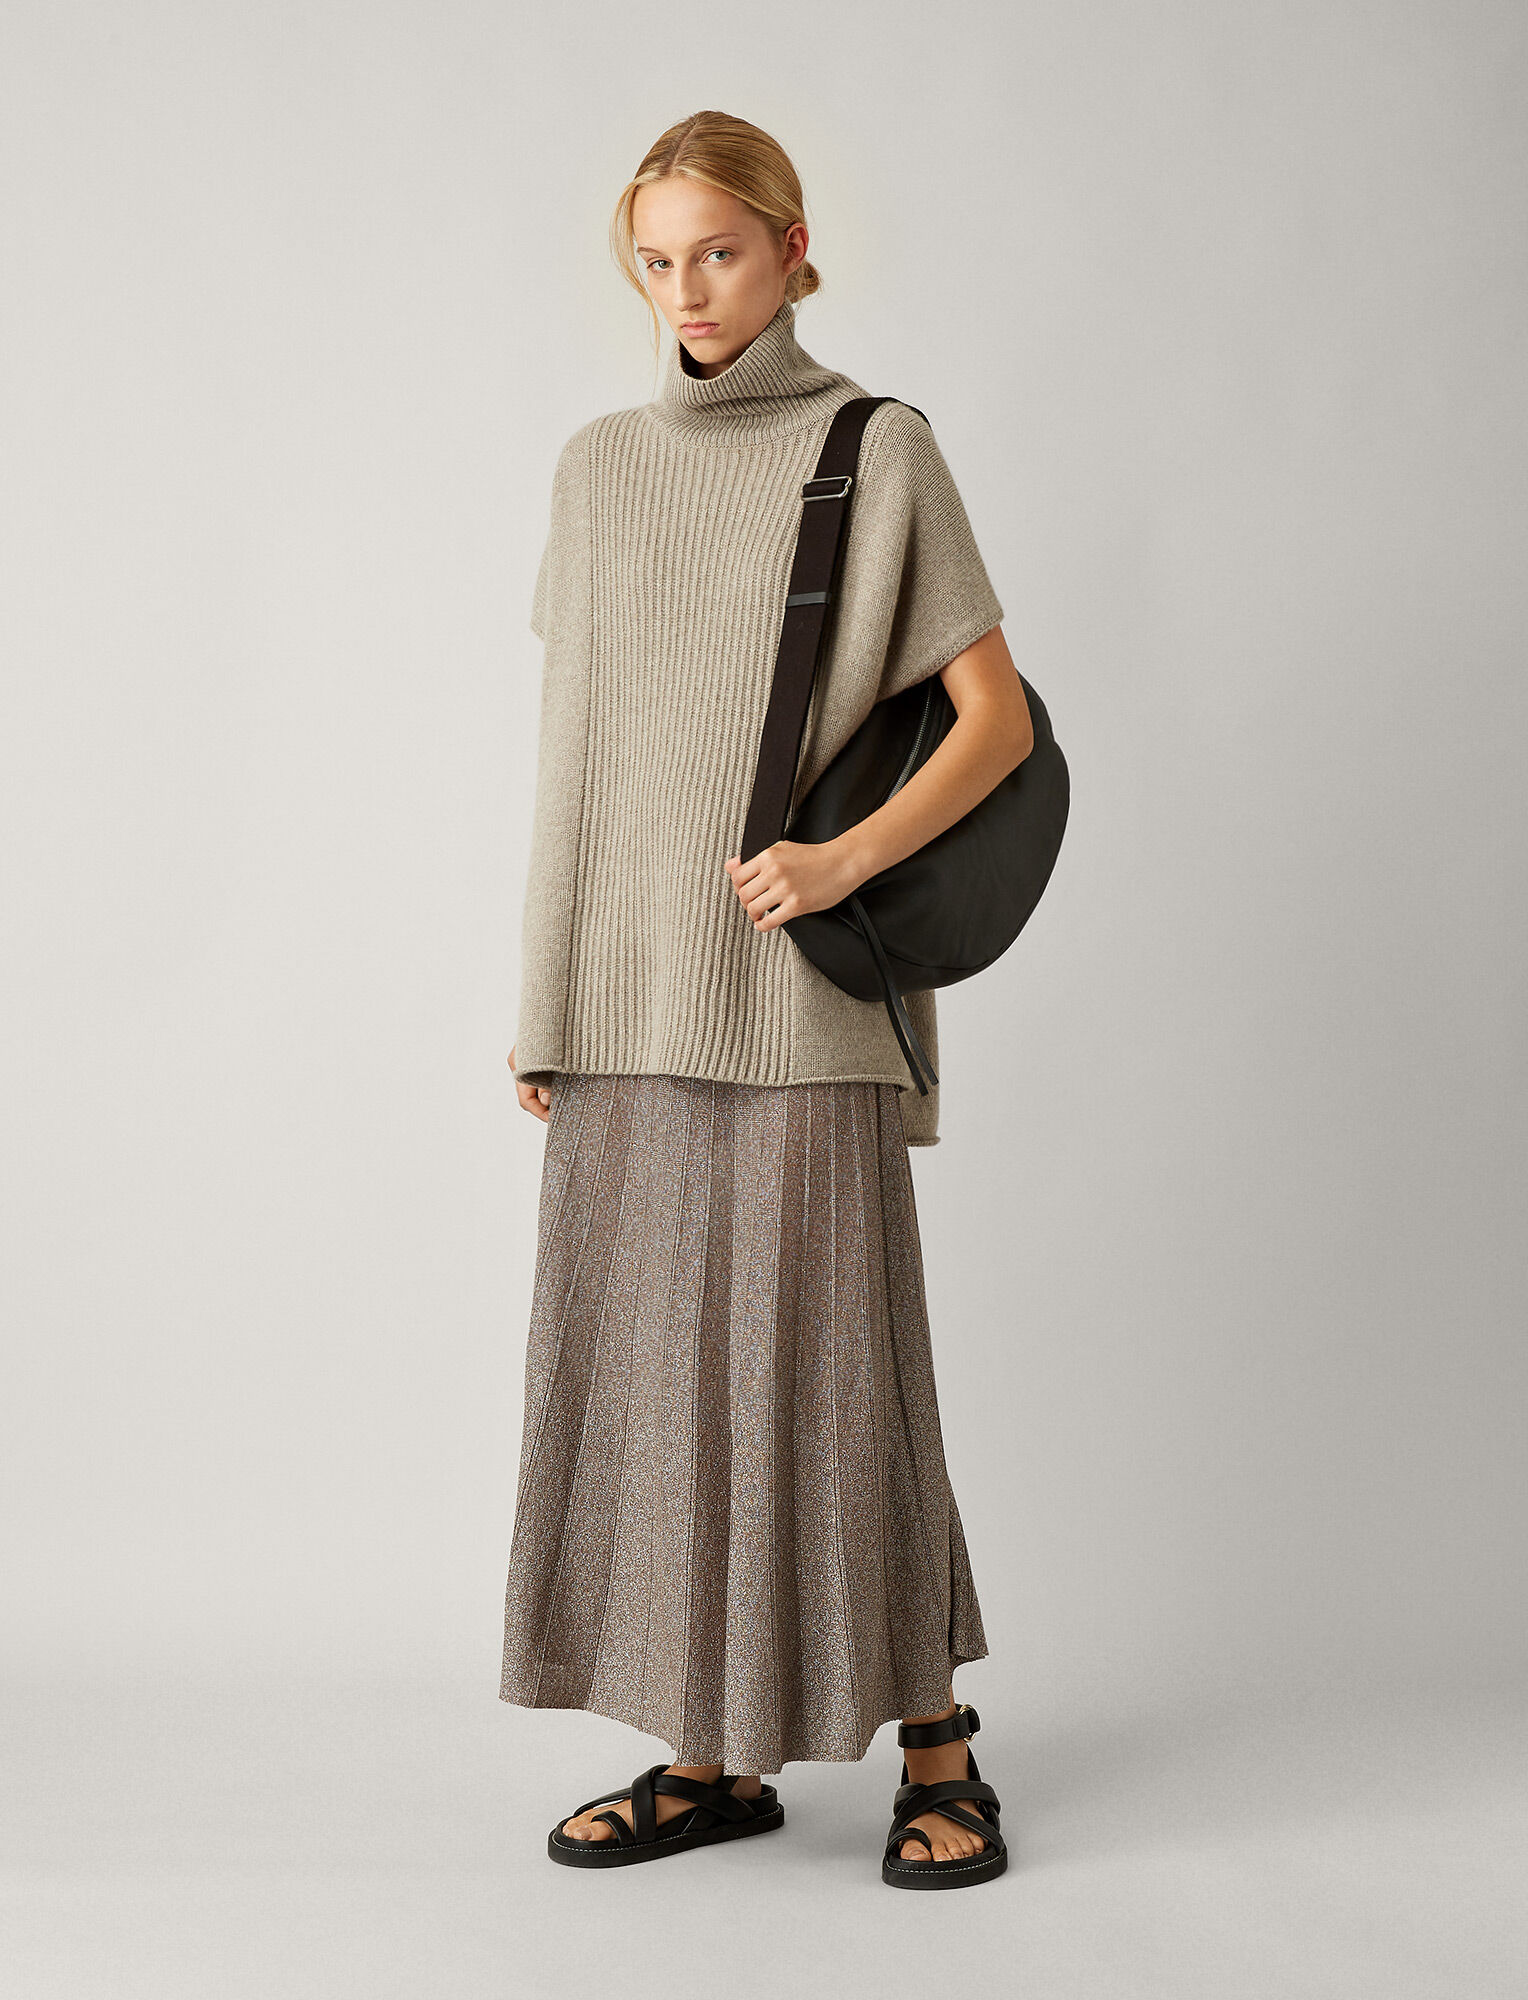 Joseph, Poncho Cashmere Luxe Knit, in QUARTZ